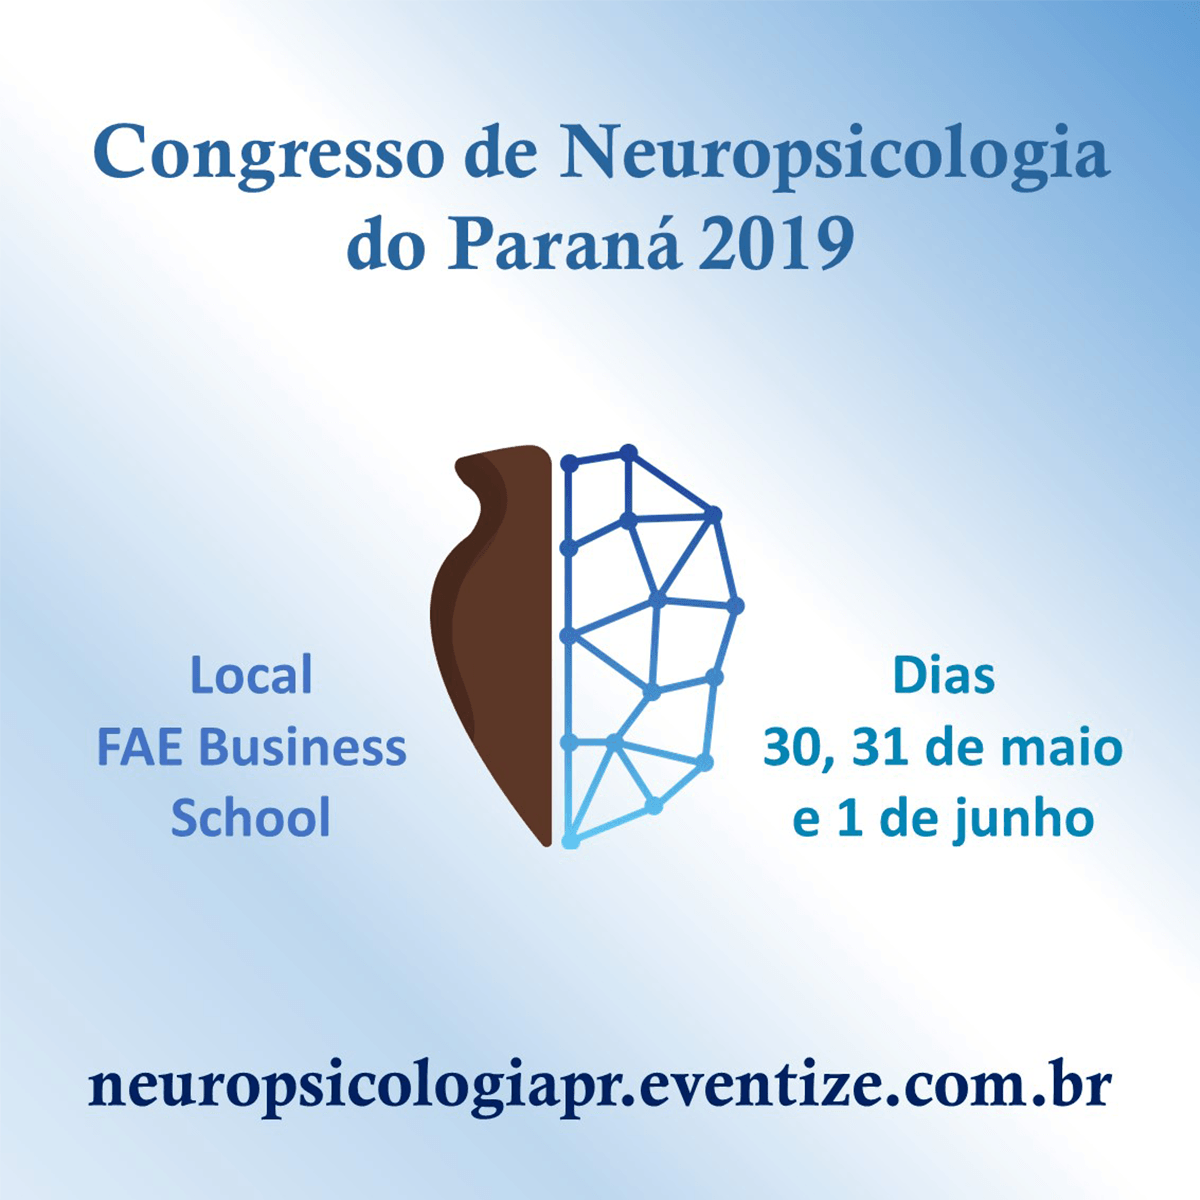 Congresso de Neuropsicologia do Paraná 2019